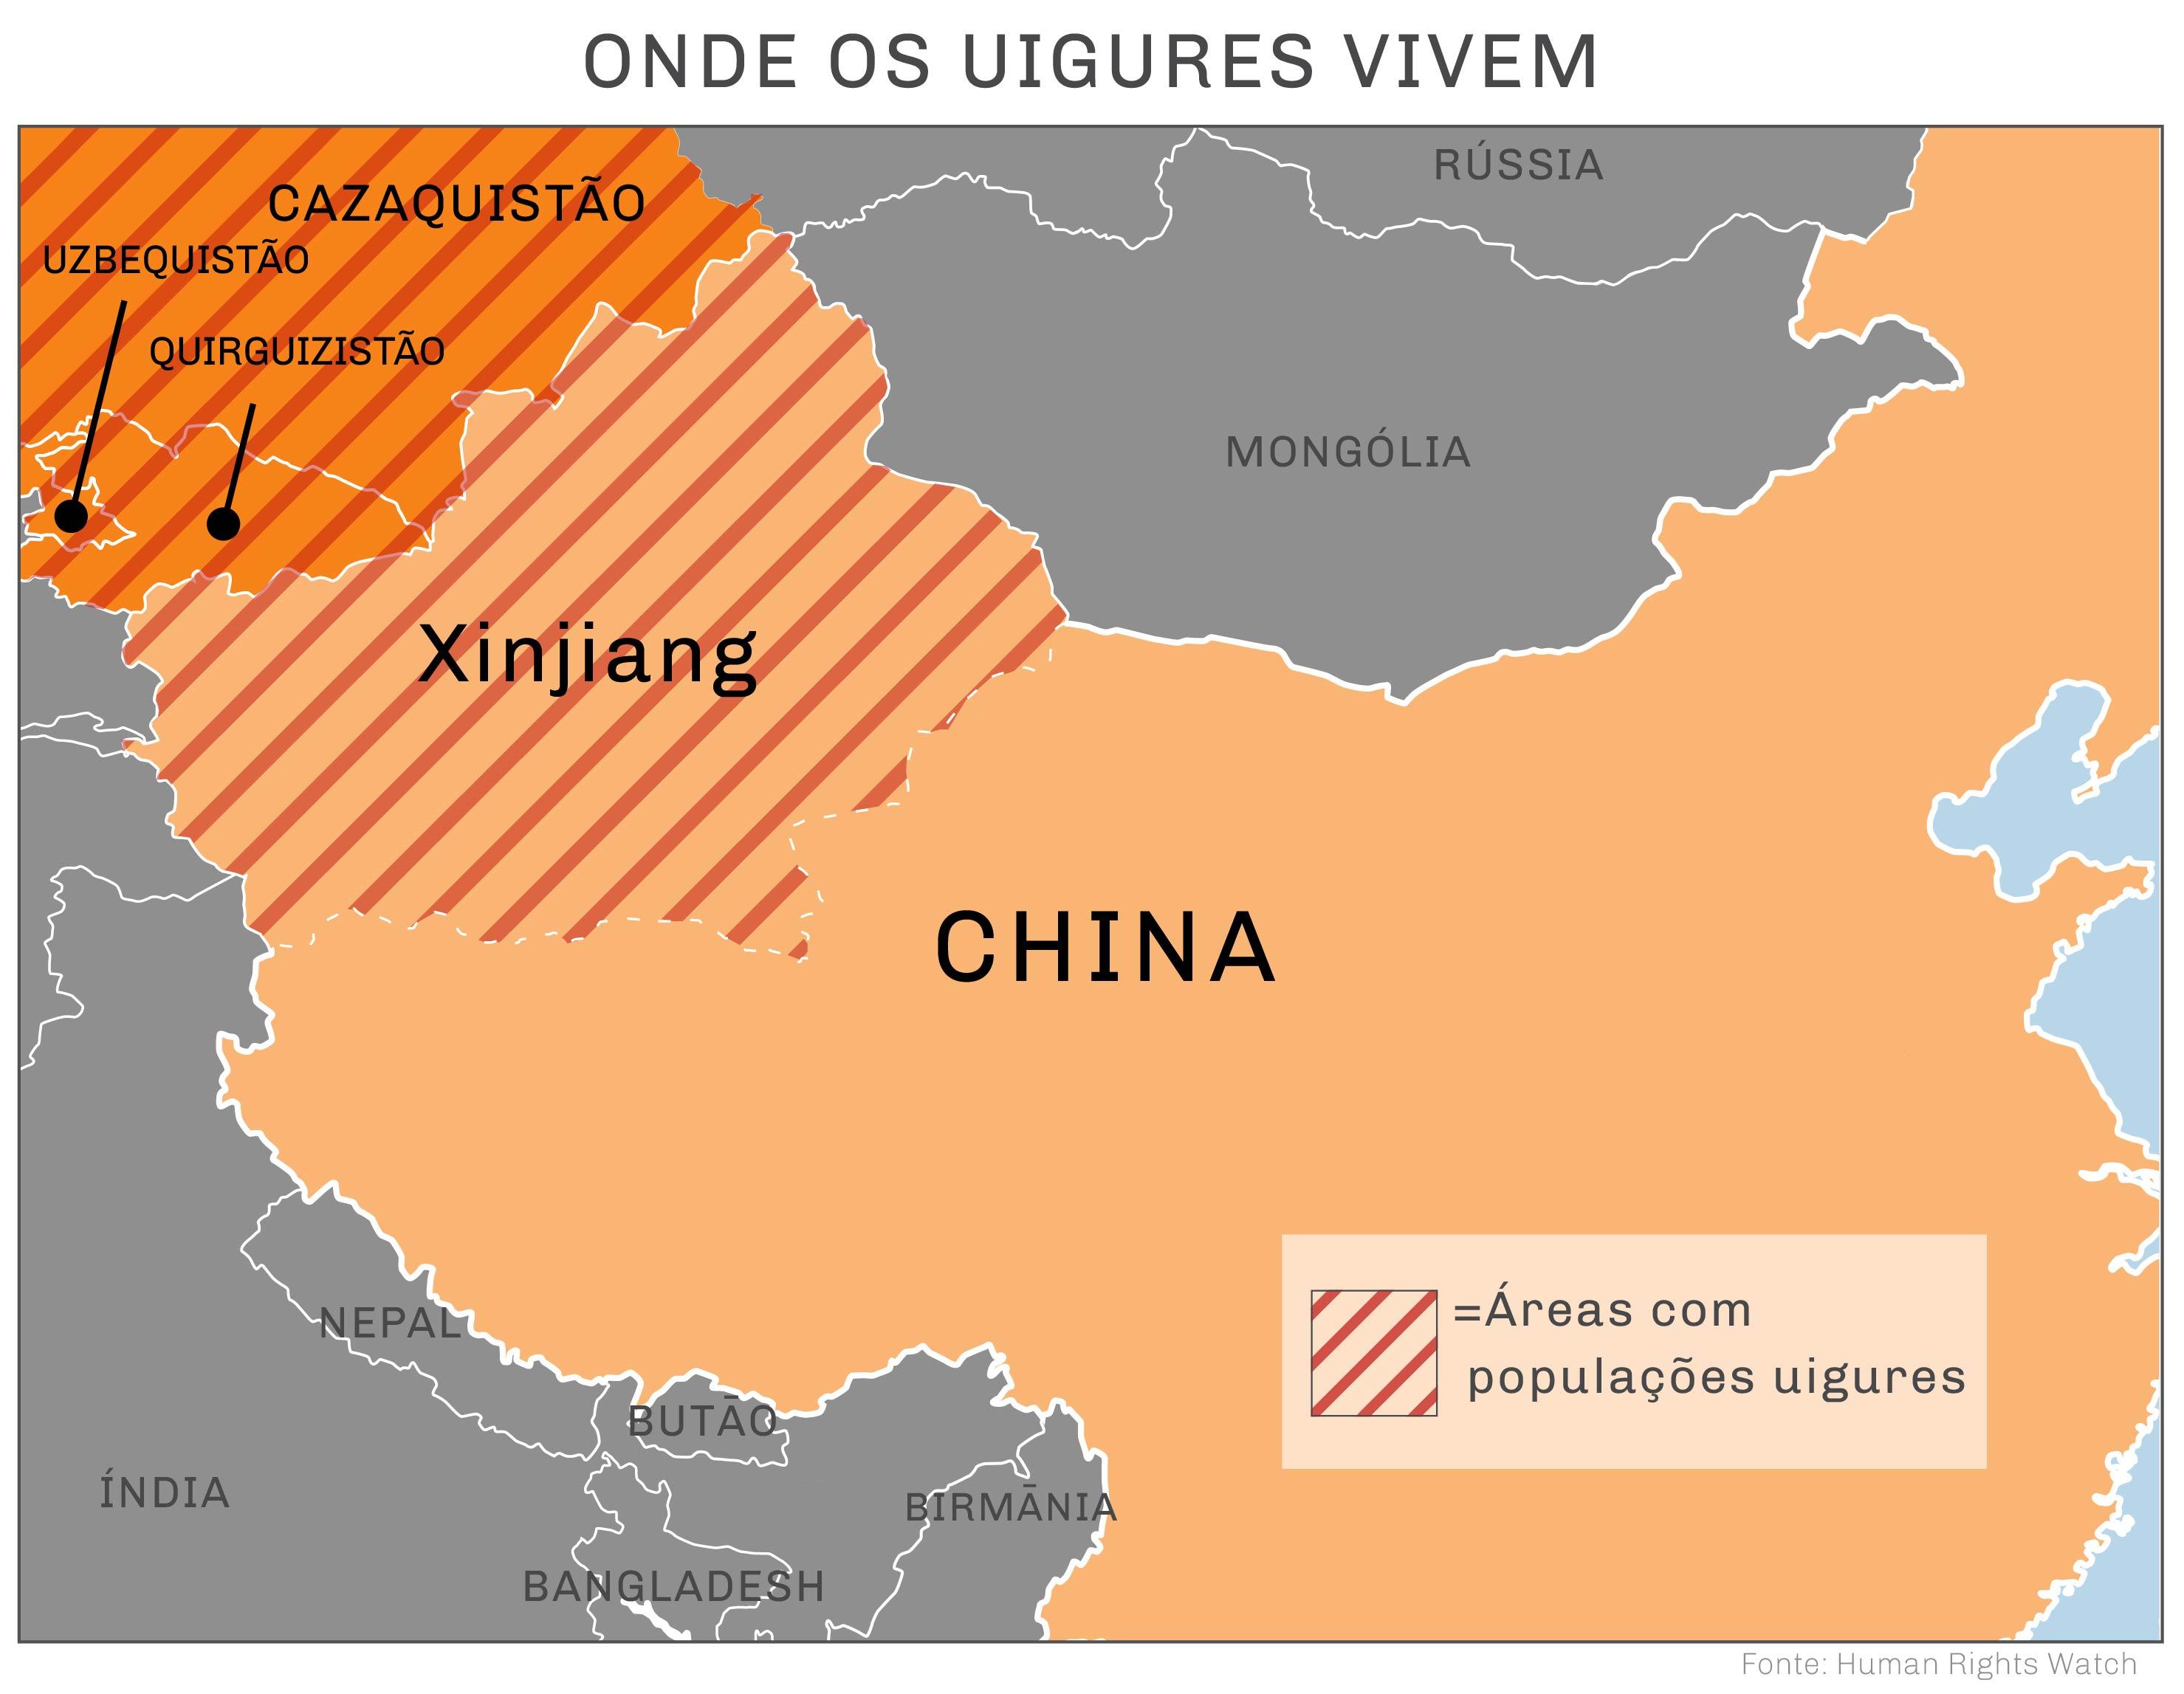 Mapa marcado com áreas de populações uigures (Human Rights Watch)